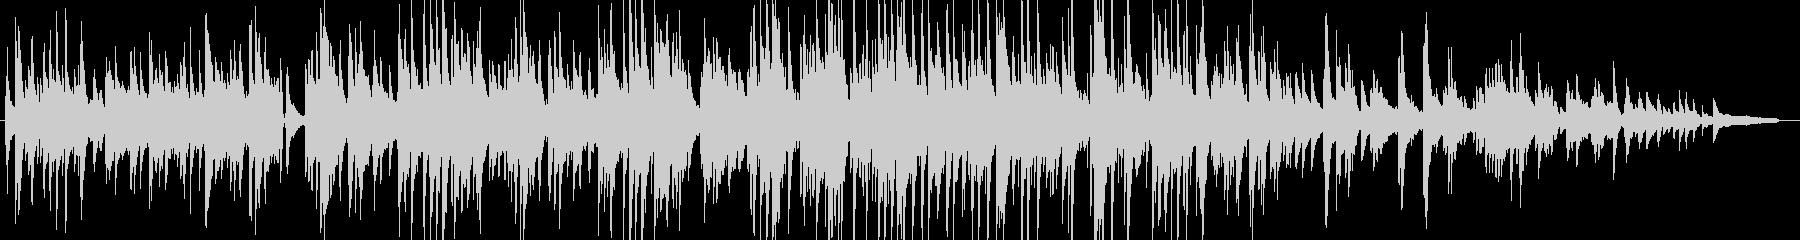 優しく切ないピアノ・ギターの感動バラードの未再生の波形